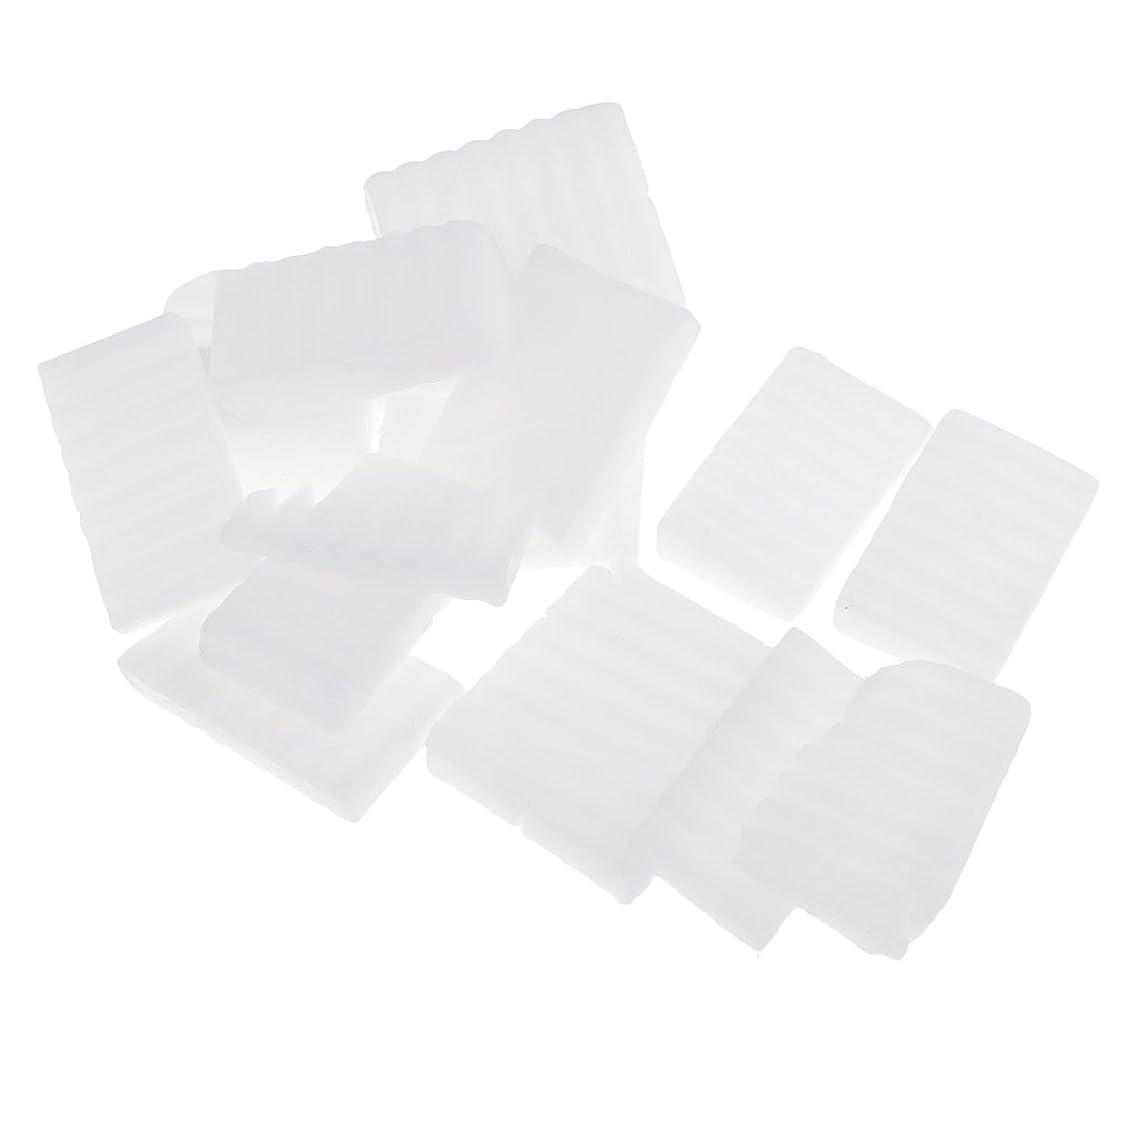 改修するシールド意気揚々Perfeclan 約500g ホワイト 石鹸ベース DIY 手作り 石鹸 材料